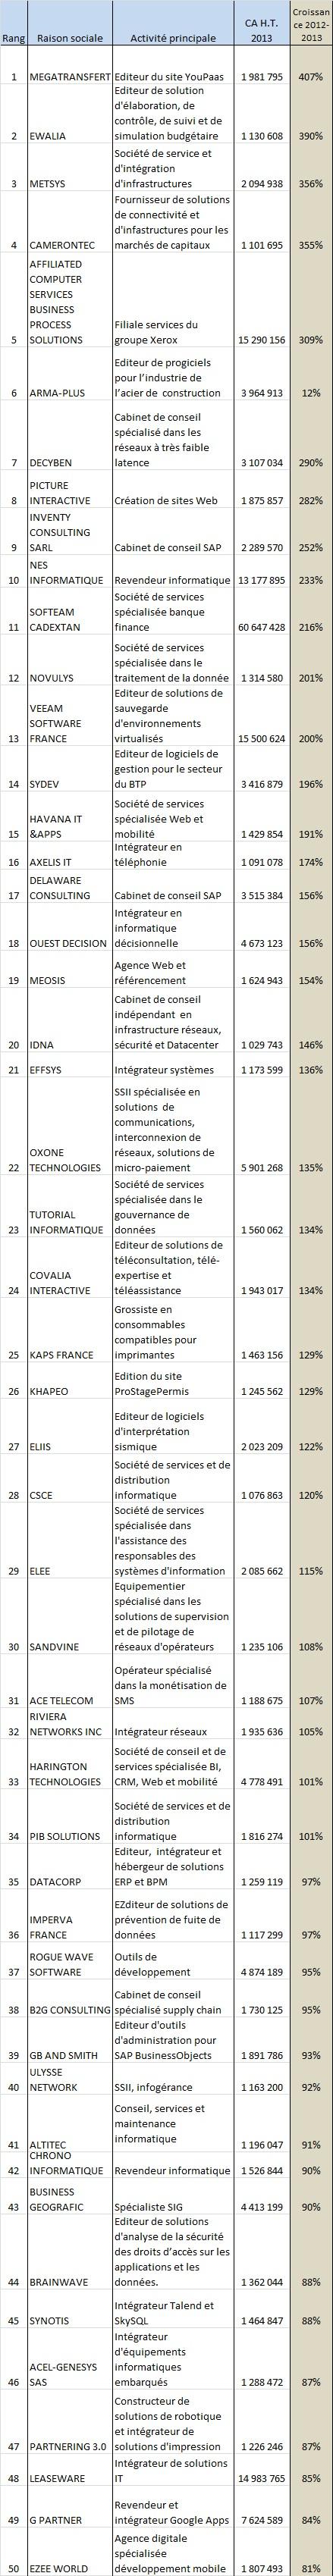 Top_Croissance_IT_2014c